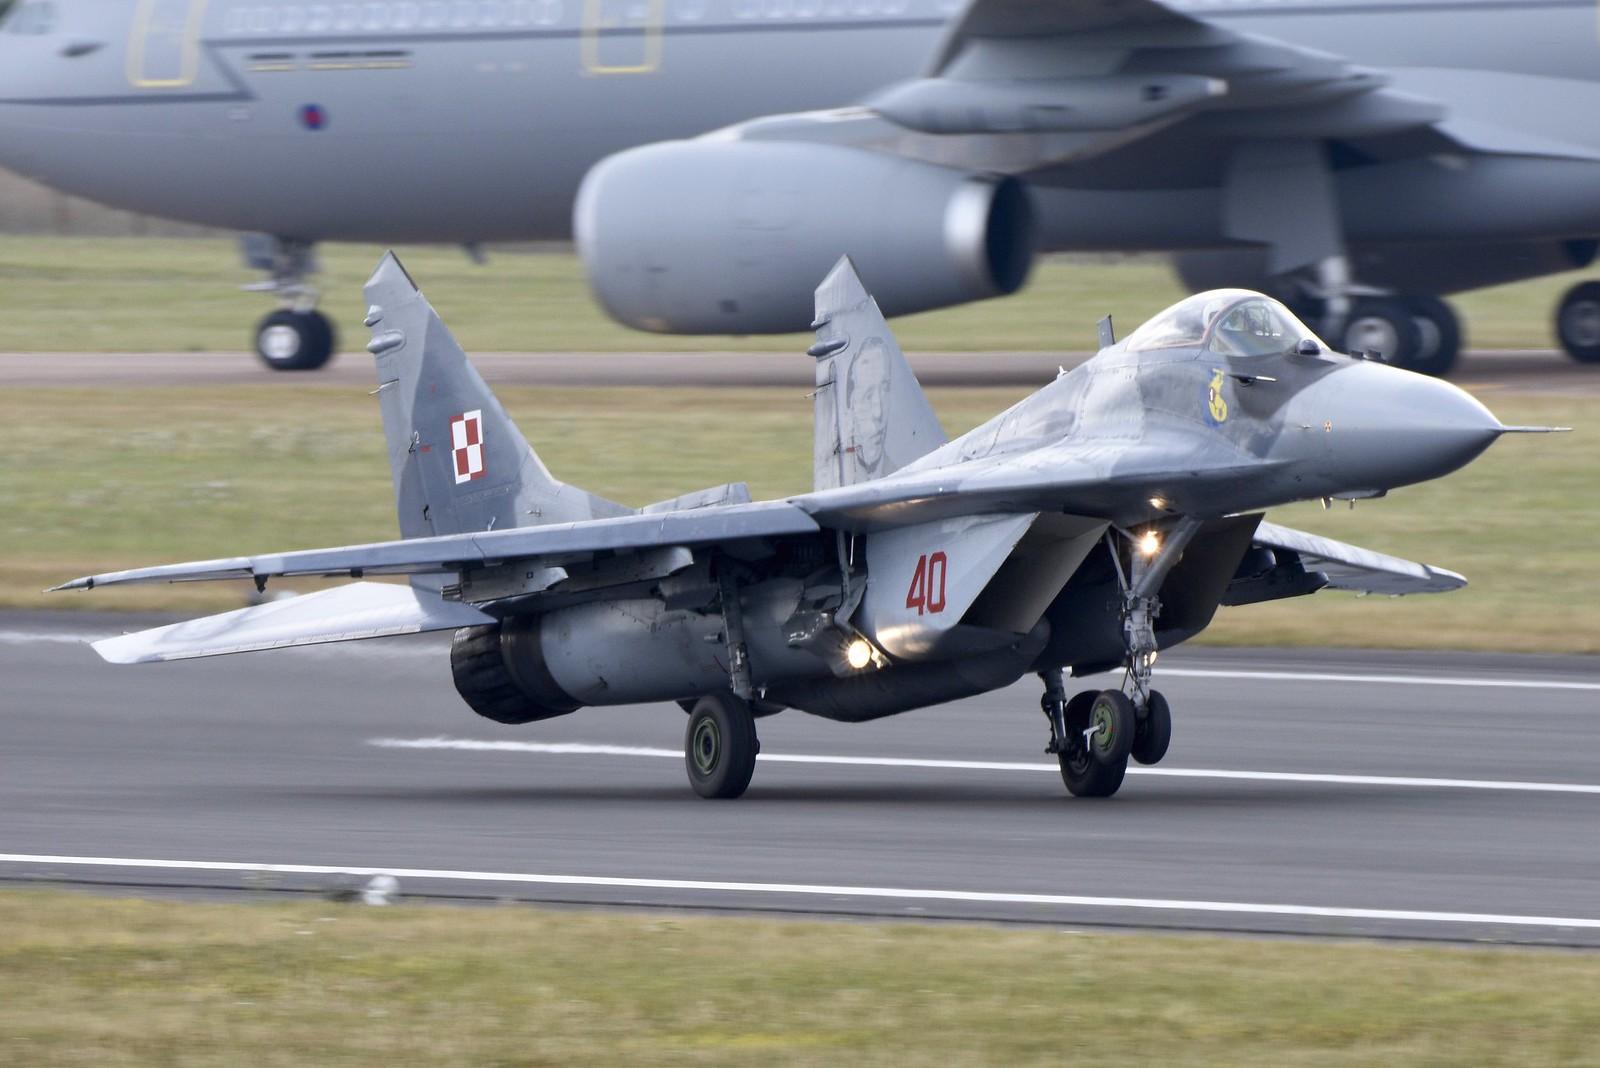 МиГ-29 и неговите варијанти - Page 8 19128274014_ae03a1bca6_h